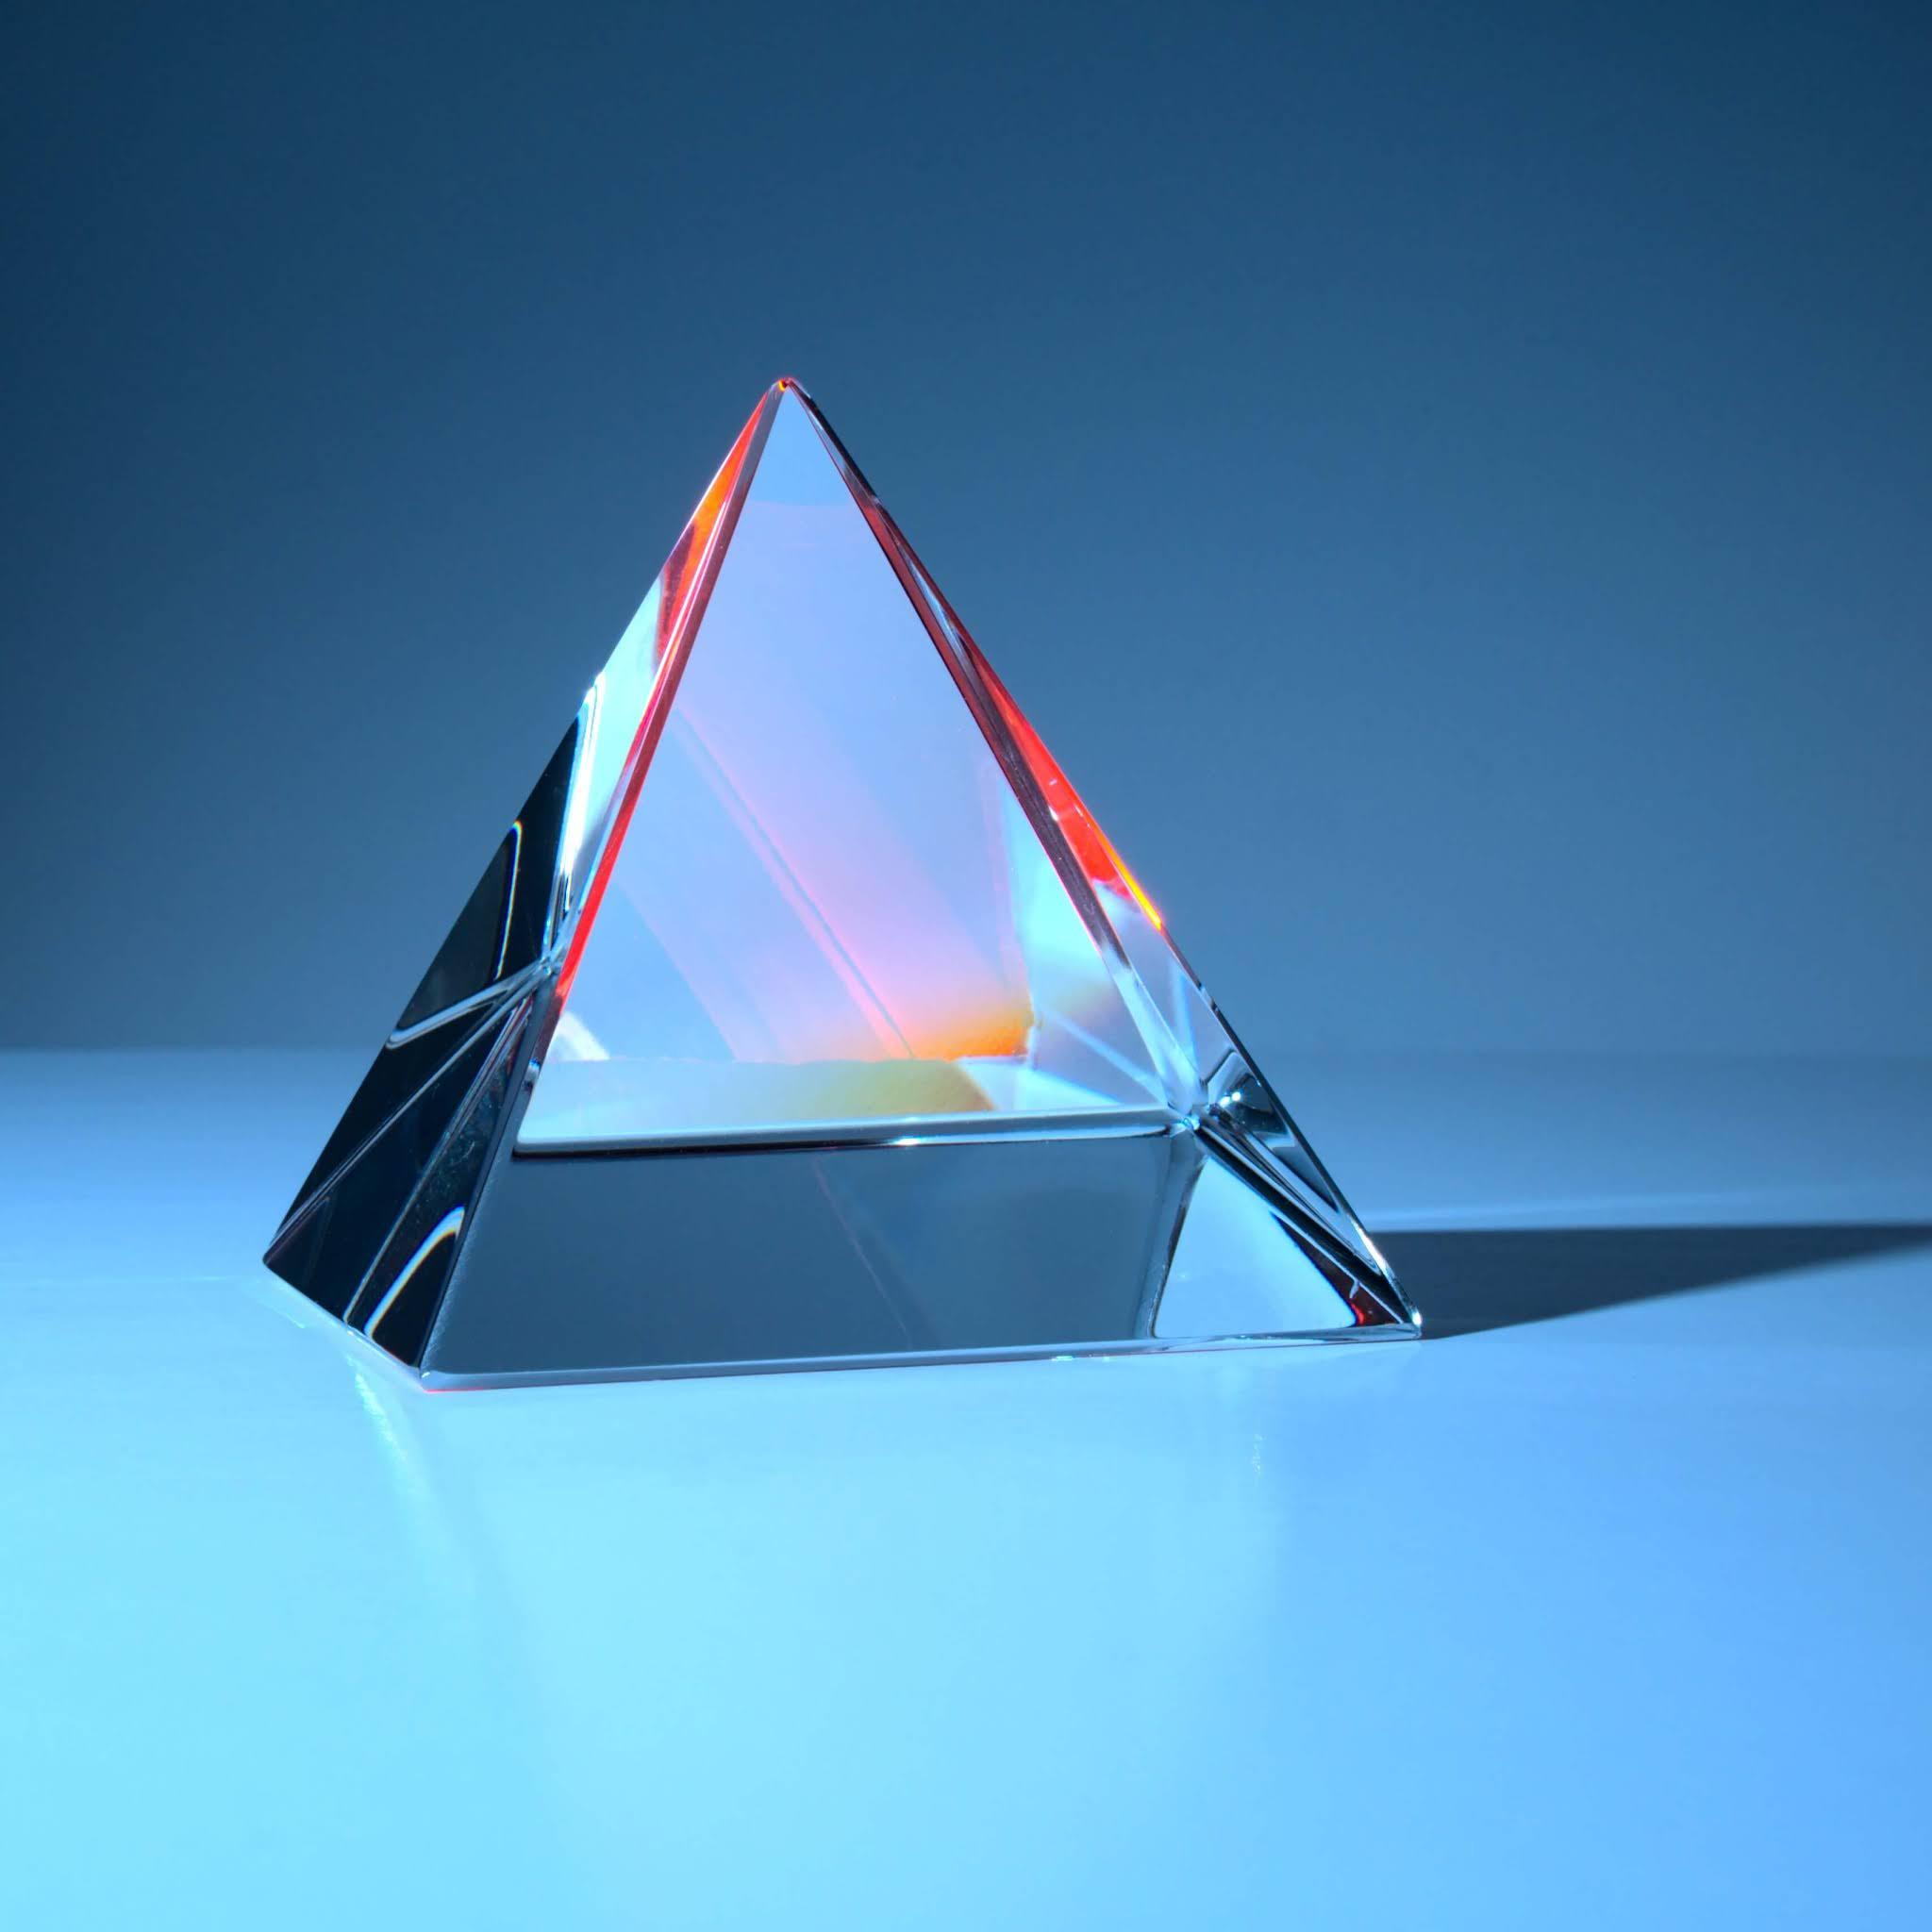 imagination, triangle, pyramid, manifestation, shine world, shine, reflect